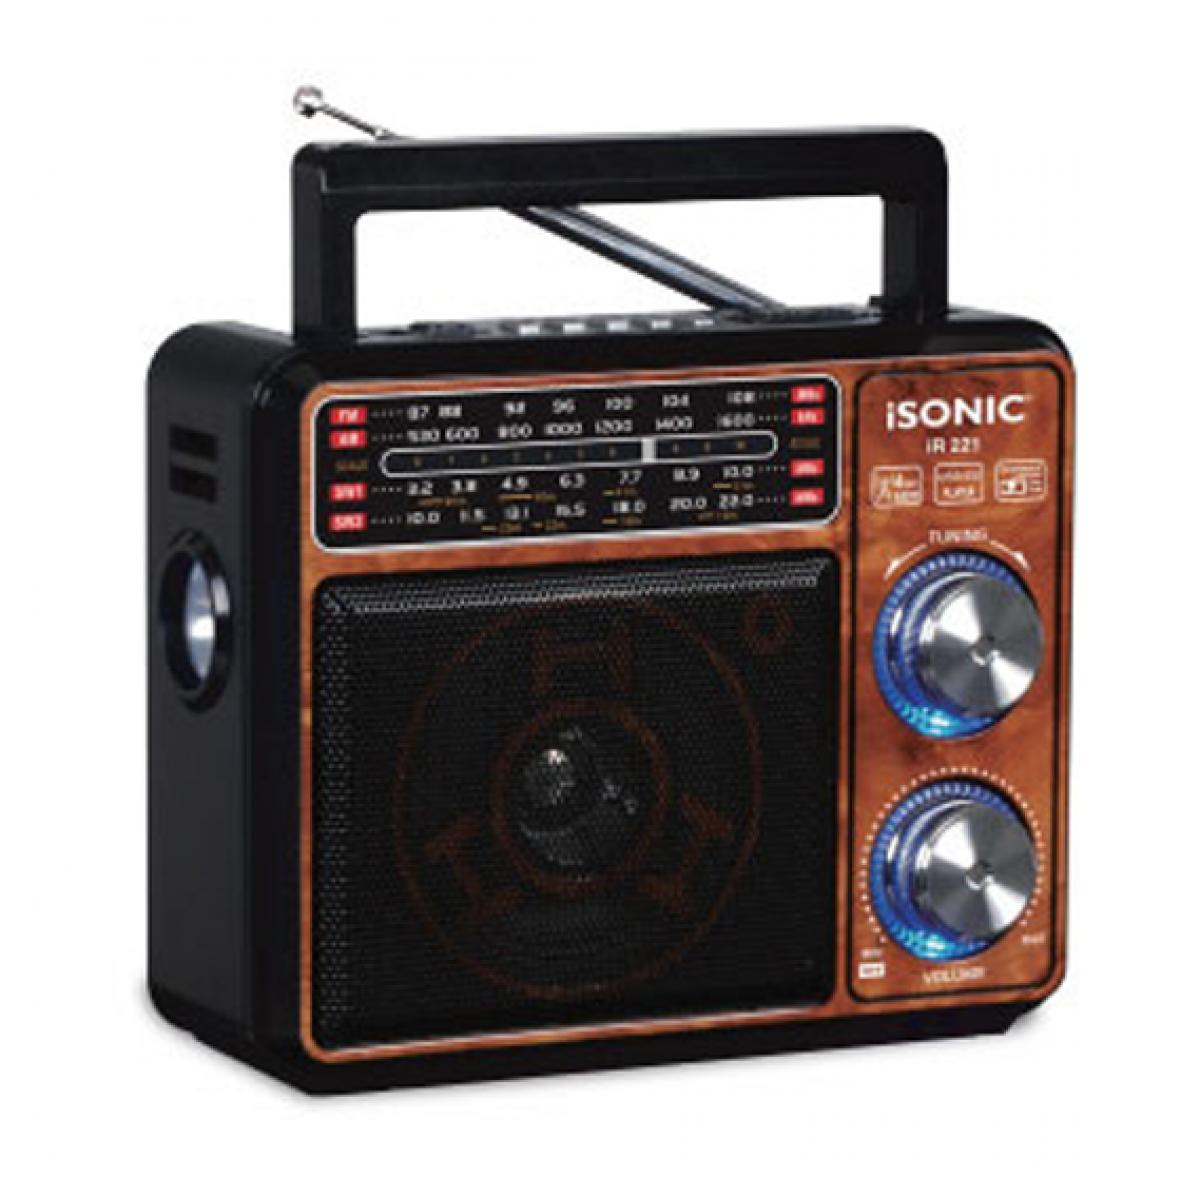 راديو قابل للشحن مع مشغل MP3 , ايسونيك موديل IR 221